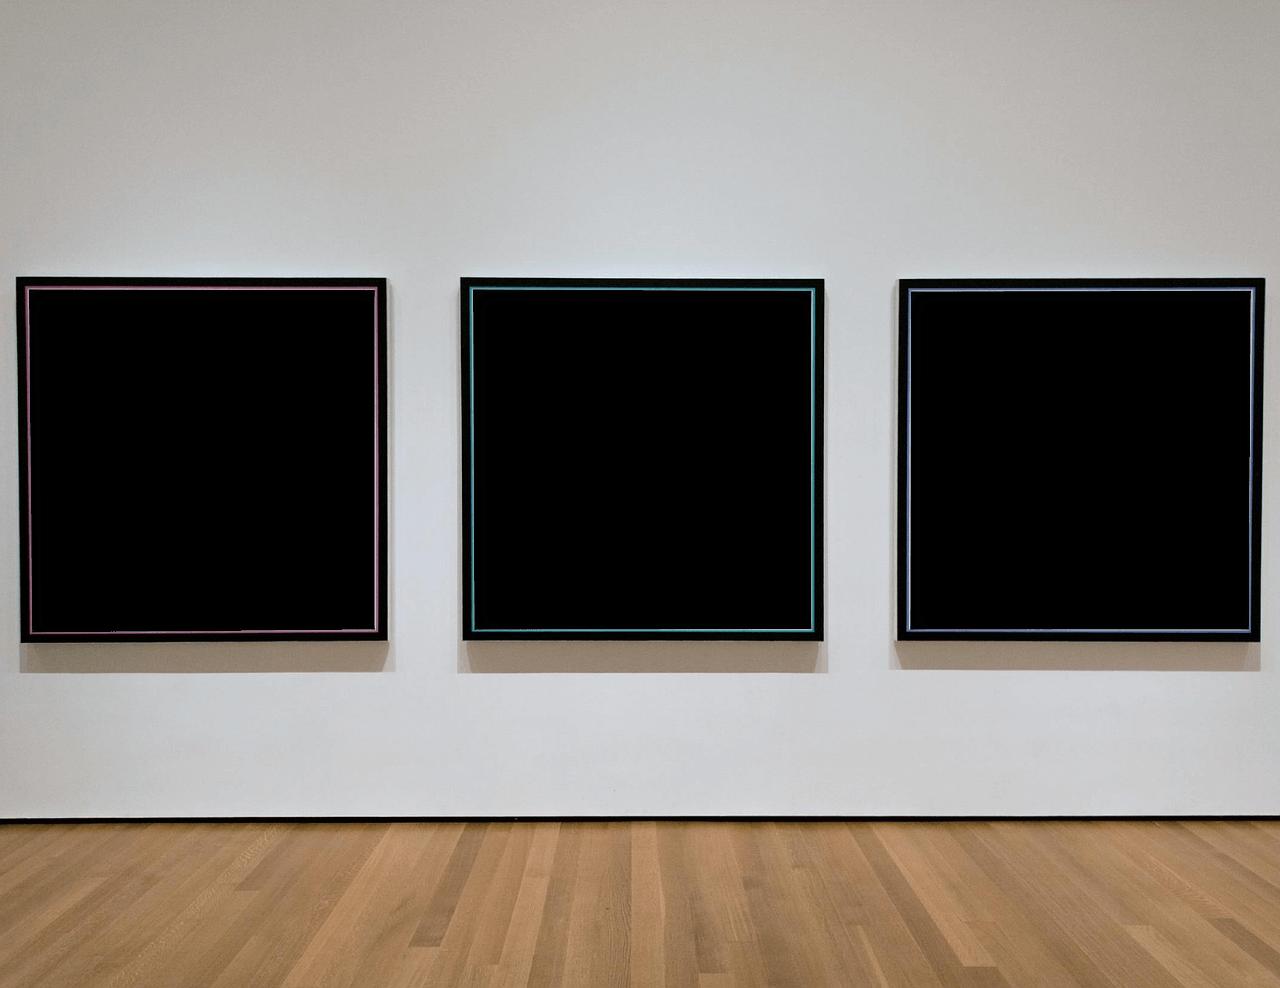 Drei Galerie Bilder zur Ausstellung - leere Leinwände